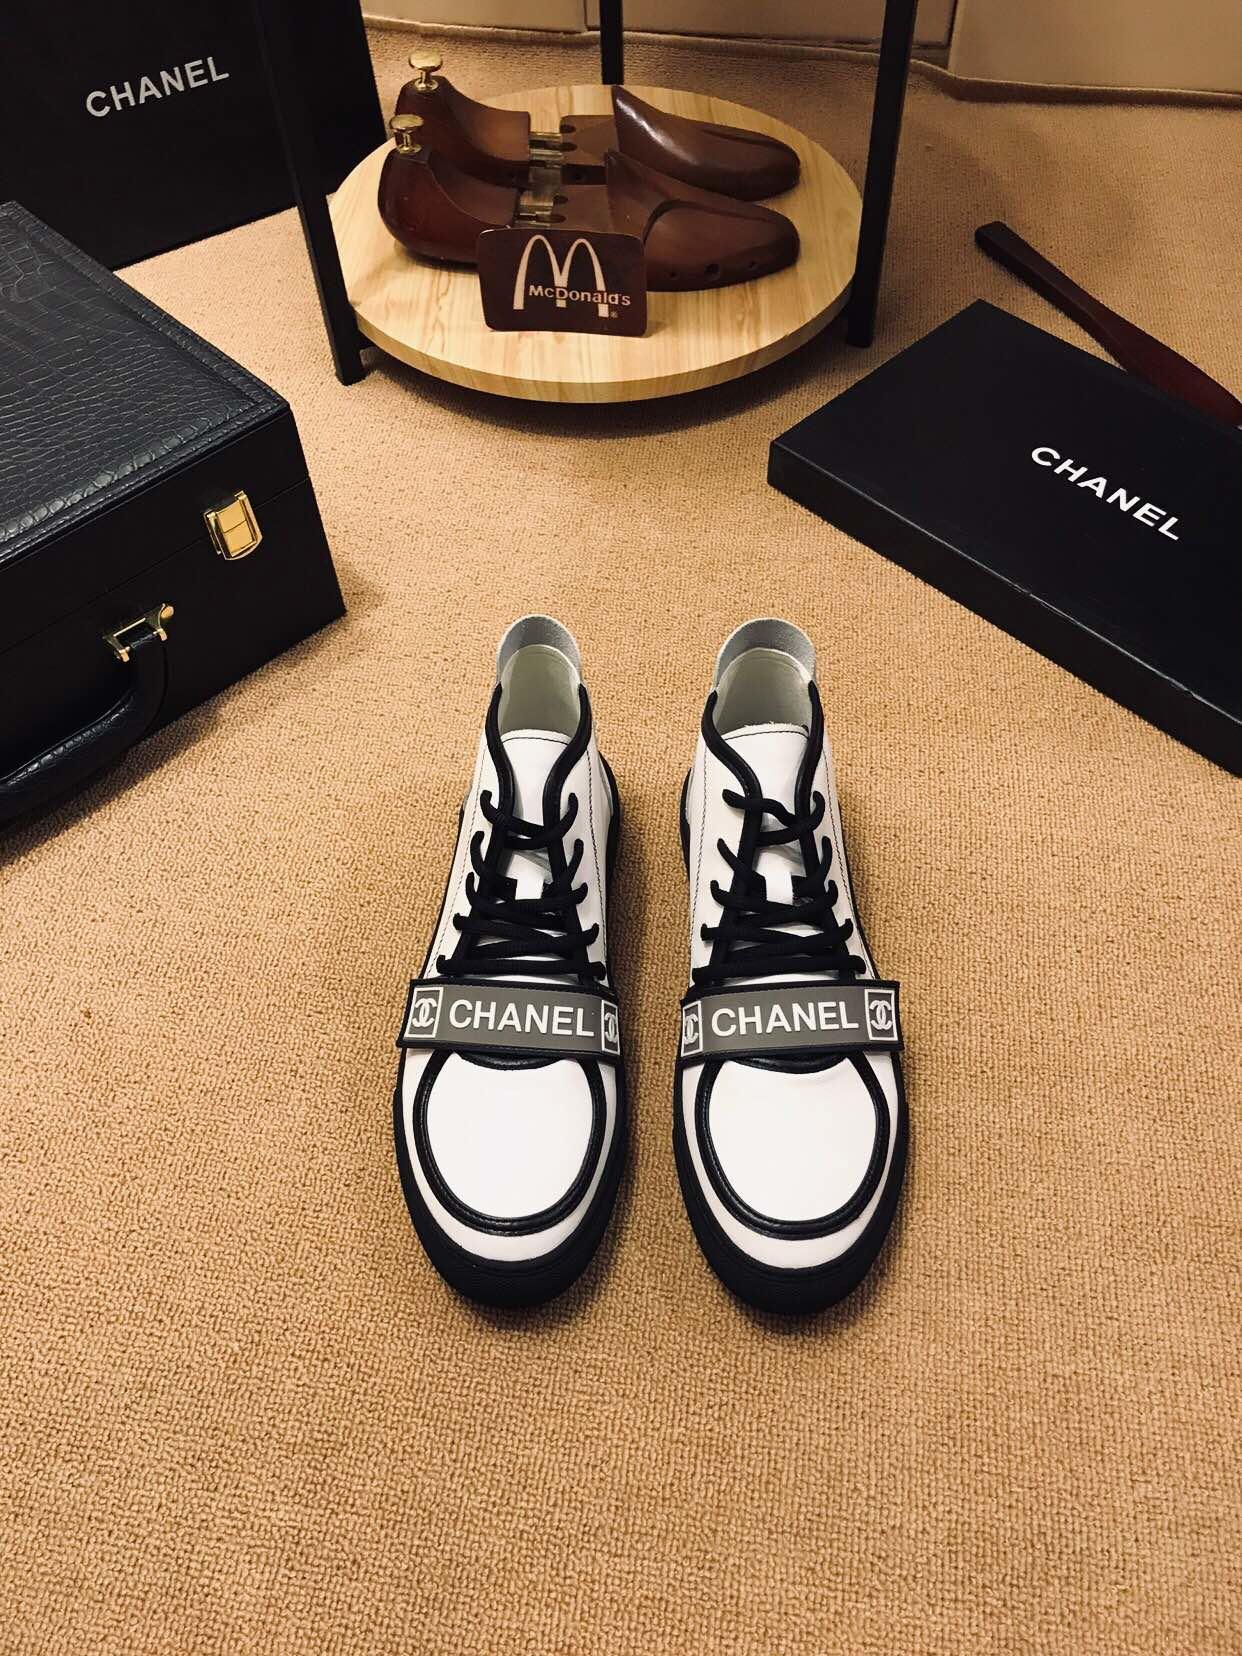 Chanel メンズ 靴 スーパーコピー 代引き後払い 通販人気 2色 p5628066